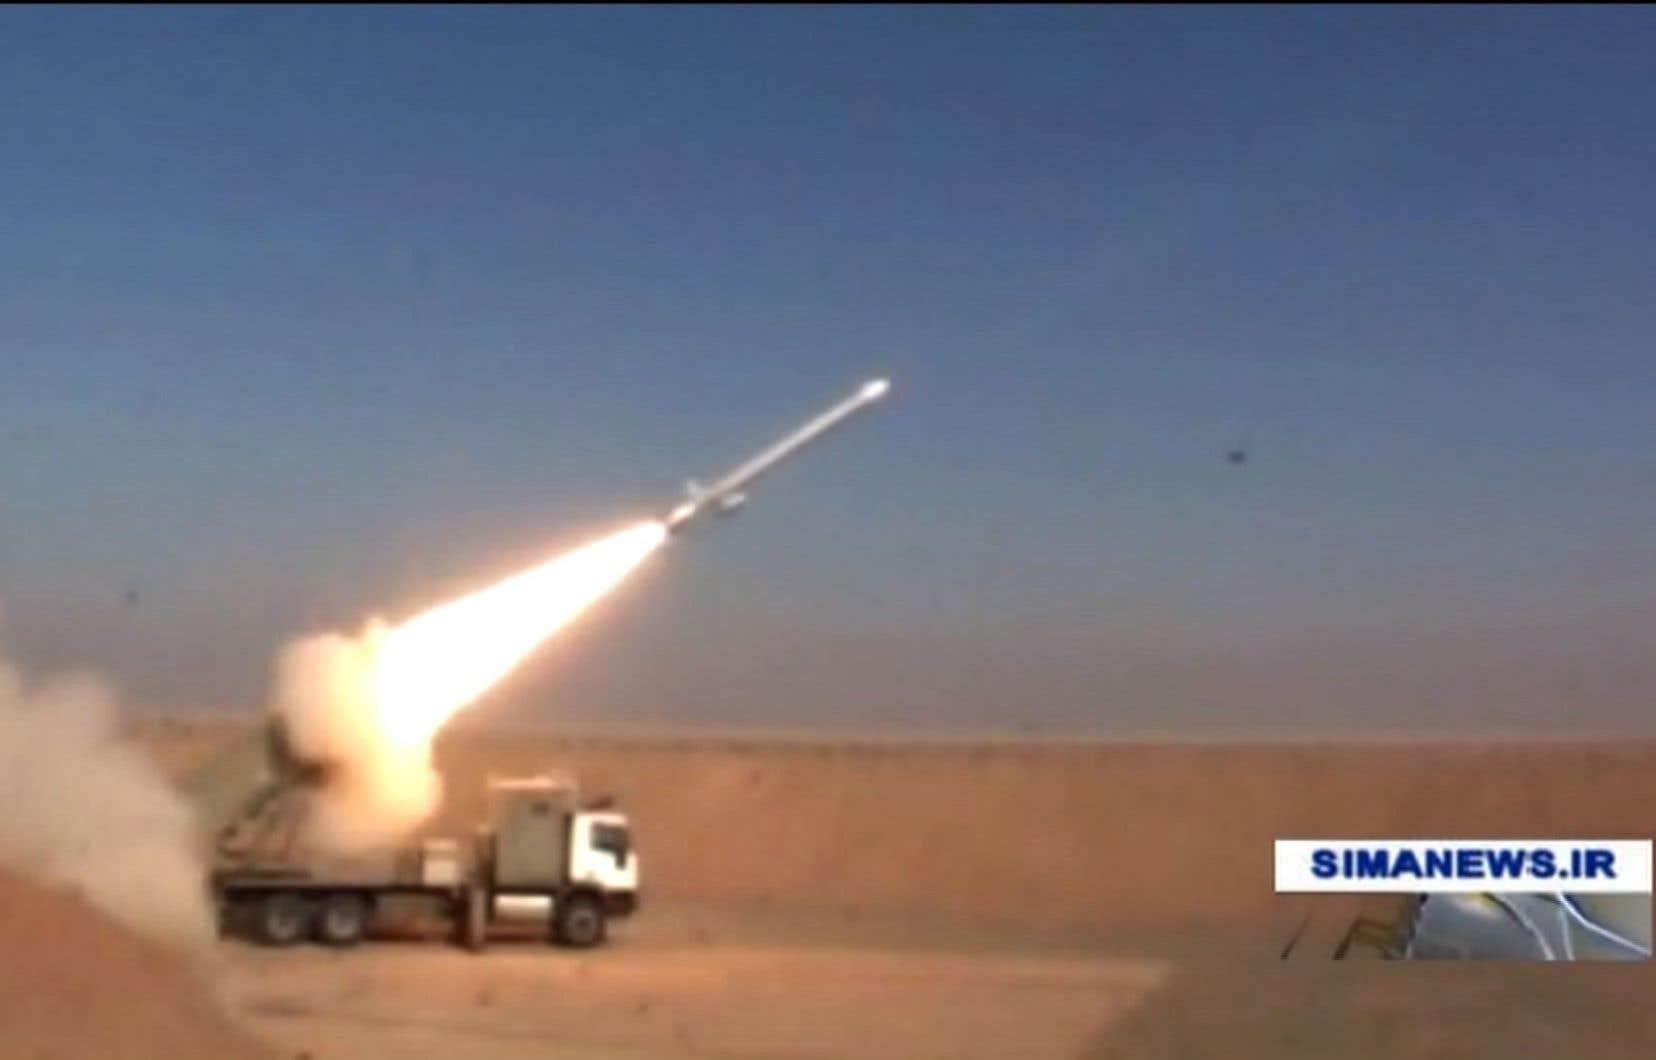 Ce nouveau test risque de provoquer des critiques principalement des États-Unis qui plaident pour une interdiction des tirs de missiles et de fusées spatiales par l'Iran.